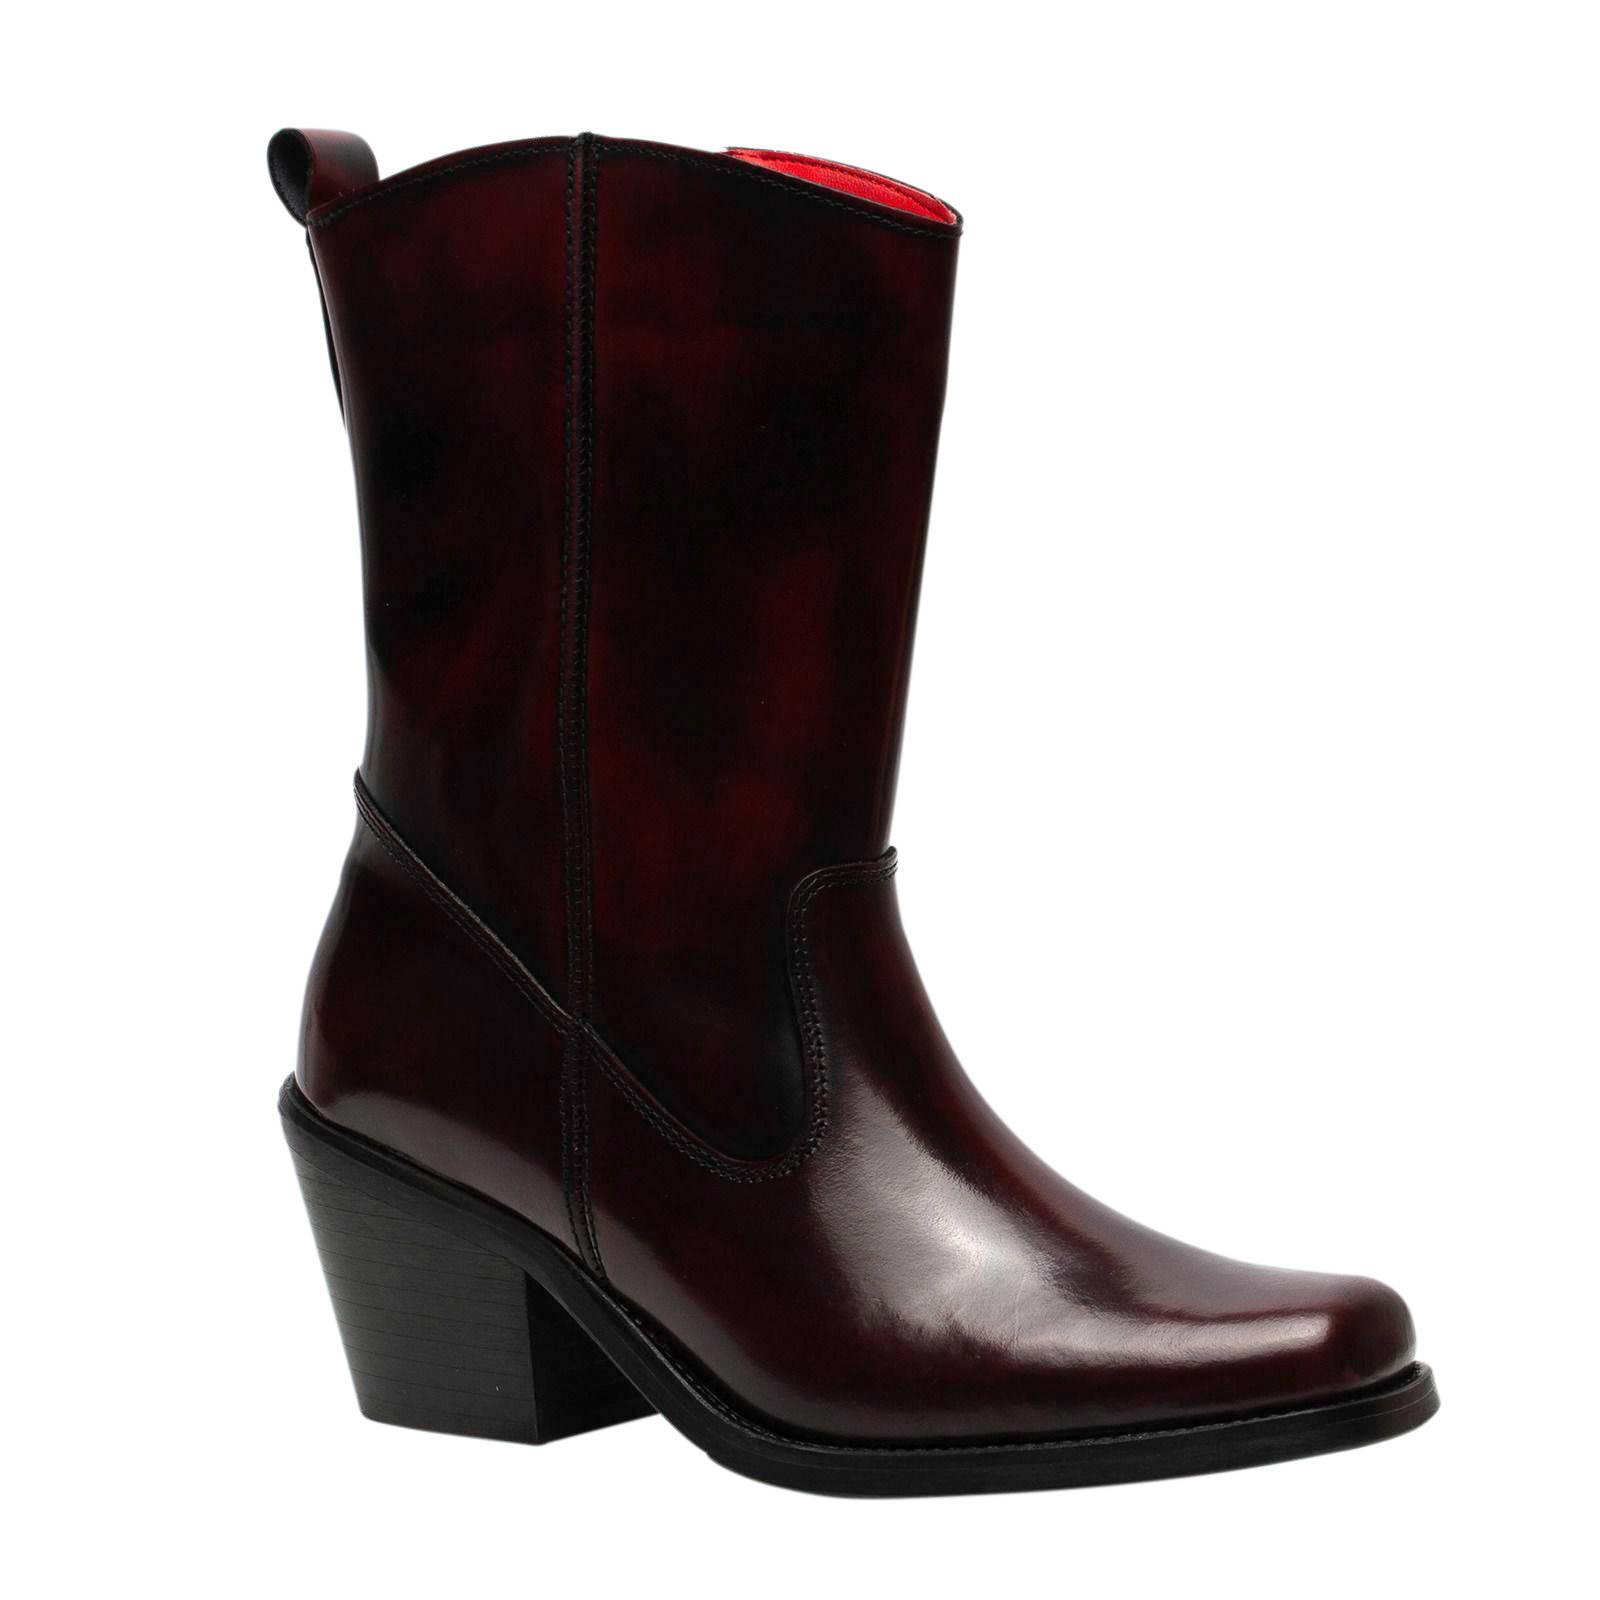 Bezorging Gratis Dames Vanaf 20 Bij Wehkamp Boots wqaaIPT